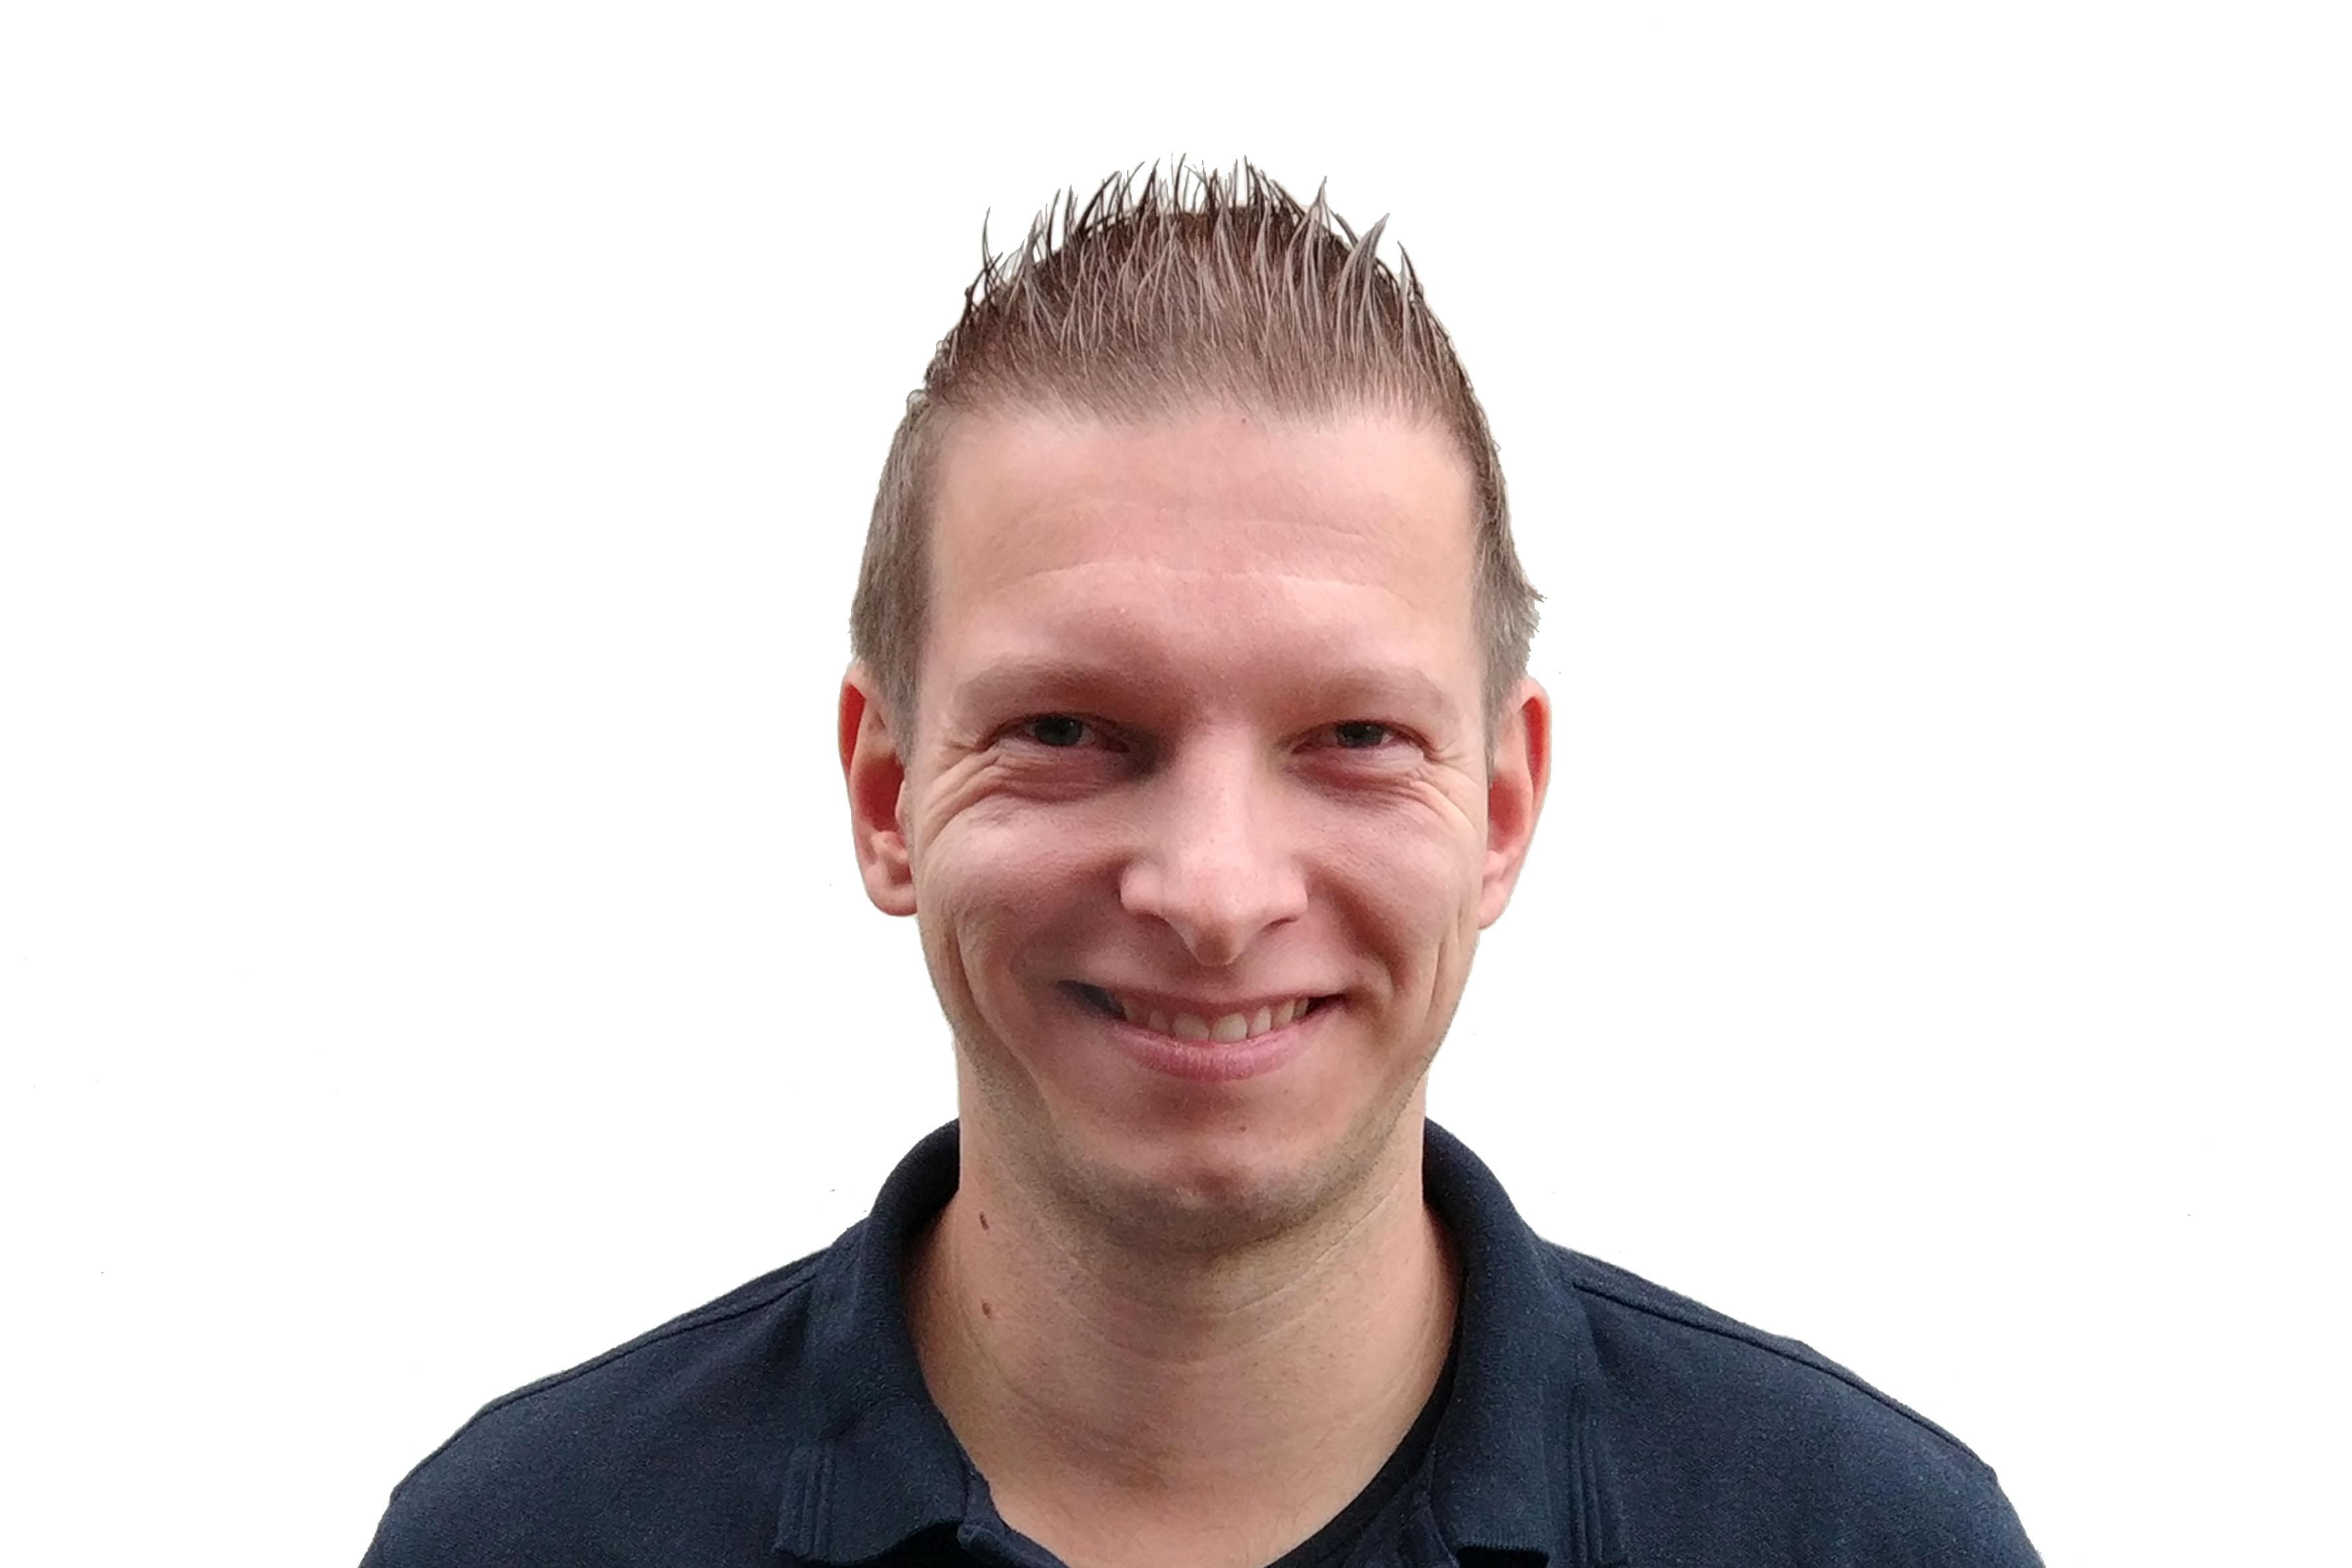 Johan van de Bunt